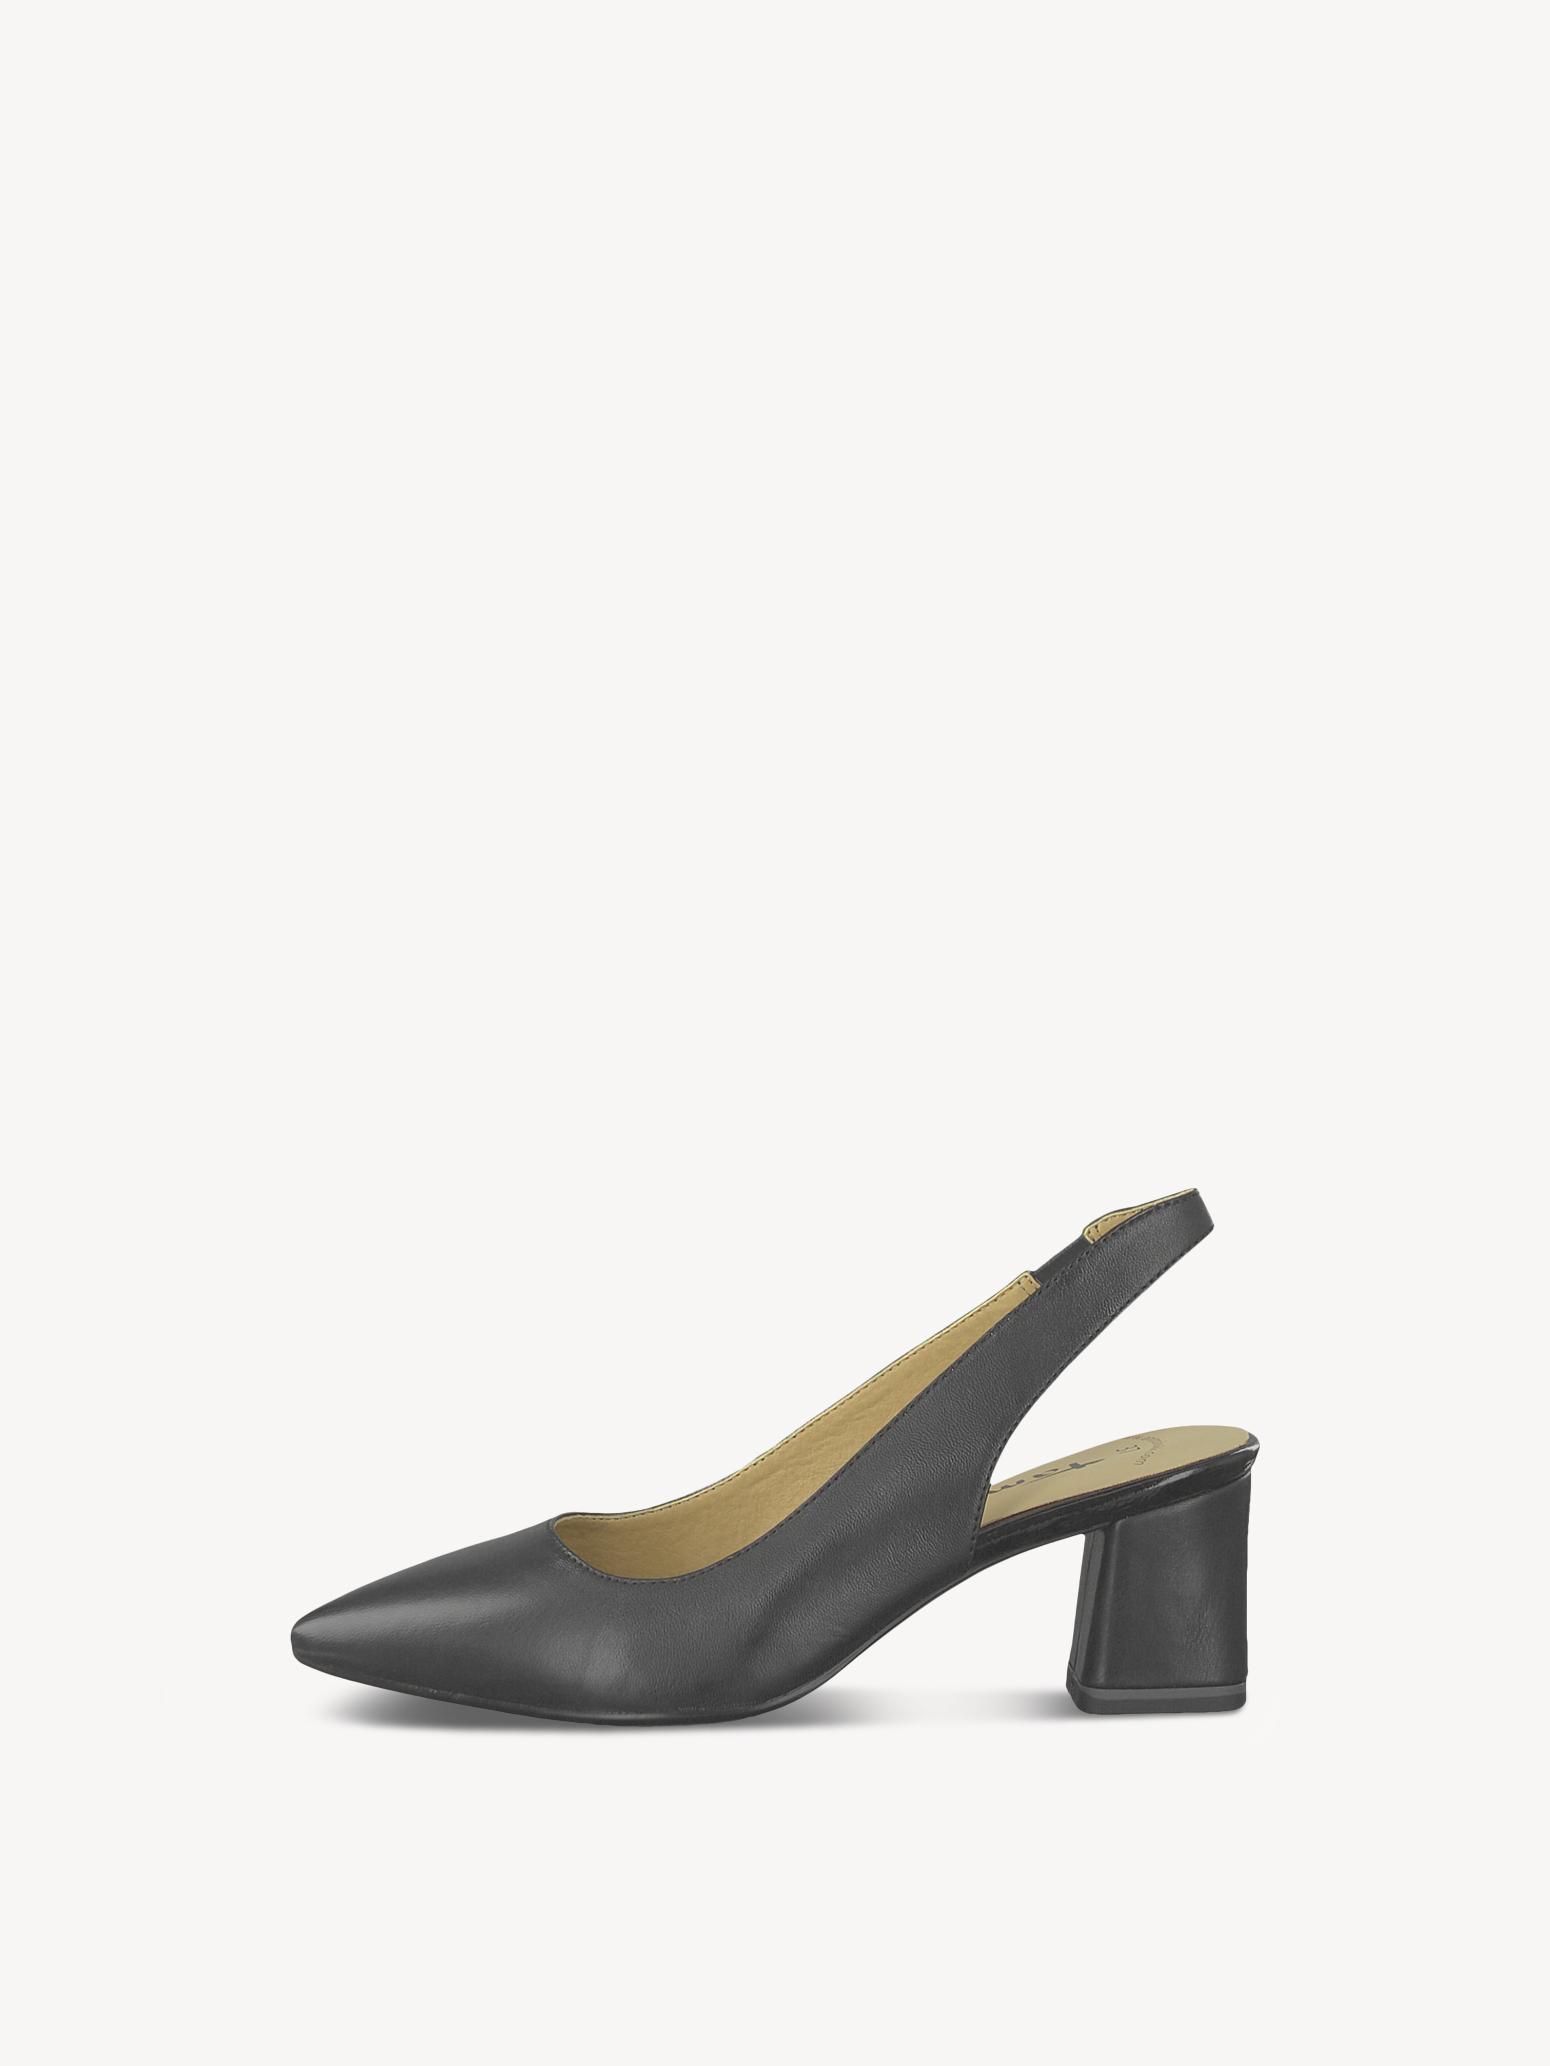 Das neue schicke Tamaris antishokk Sandalen Schuhe Leder